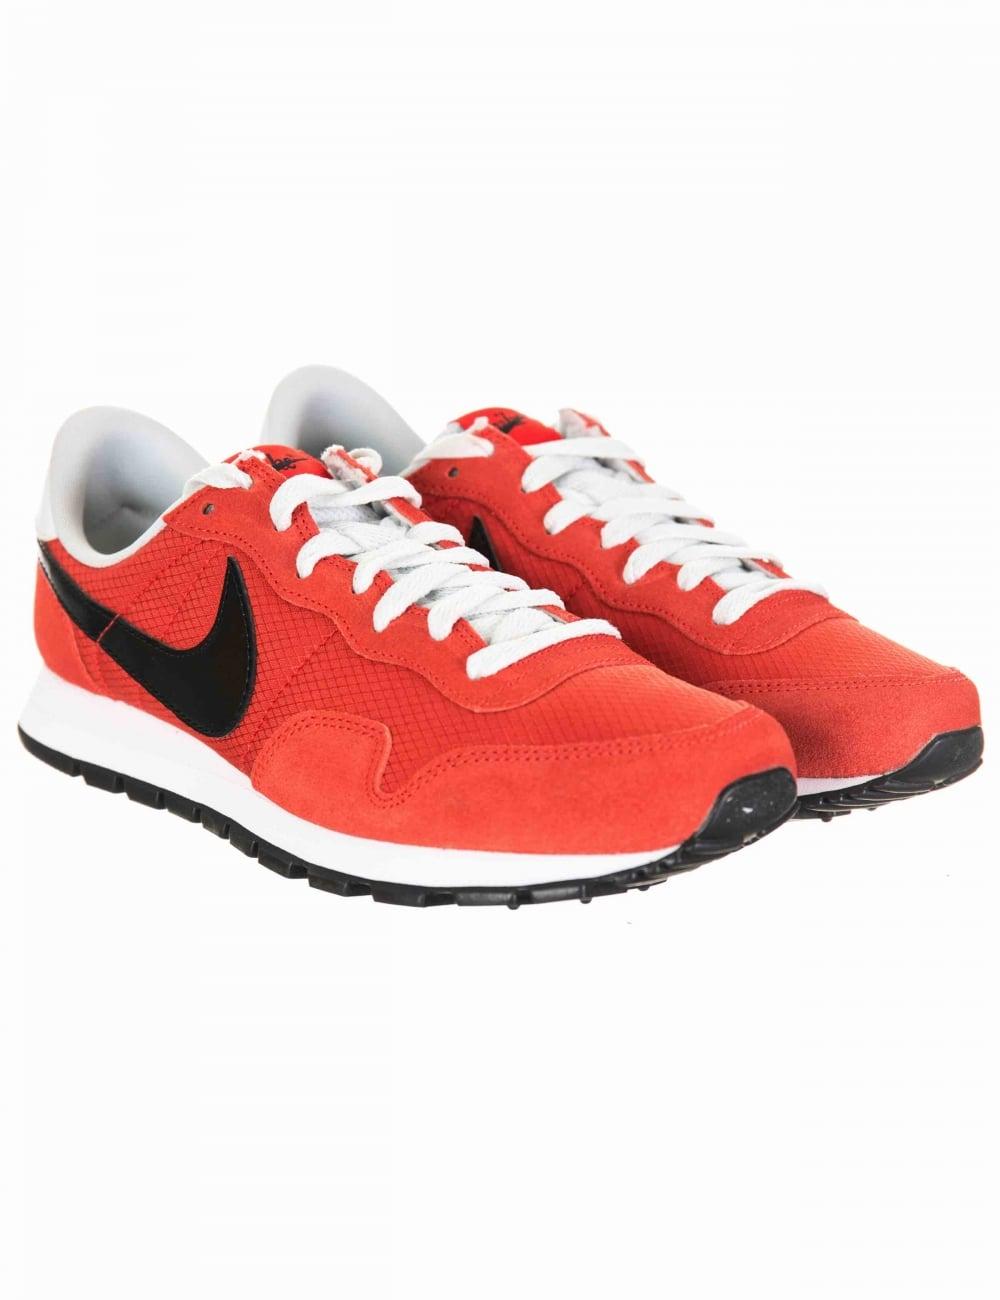 Nike Air Pegasus 83 Shoes - Max Orange